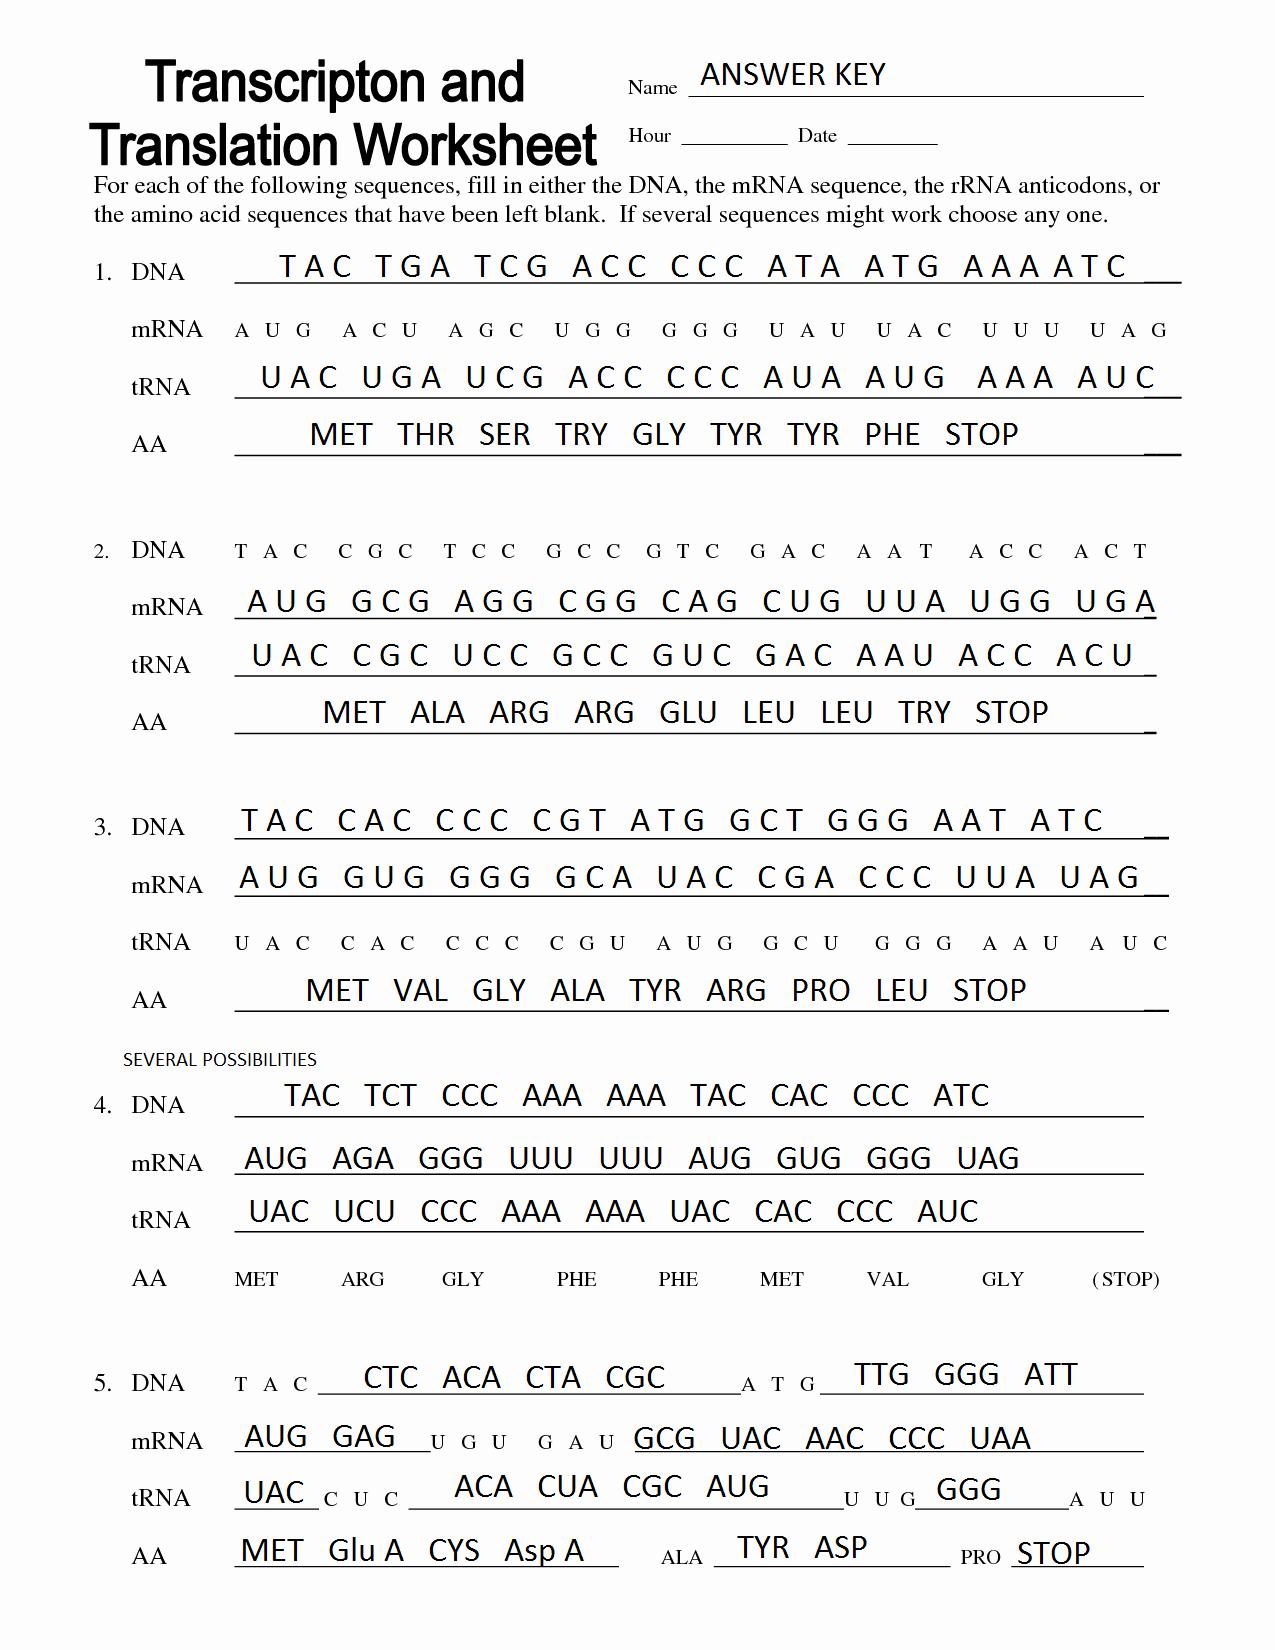 50 Dna Transcription And Translation Worksheet